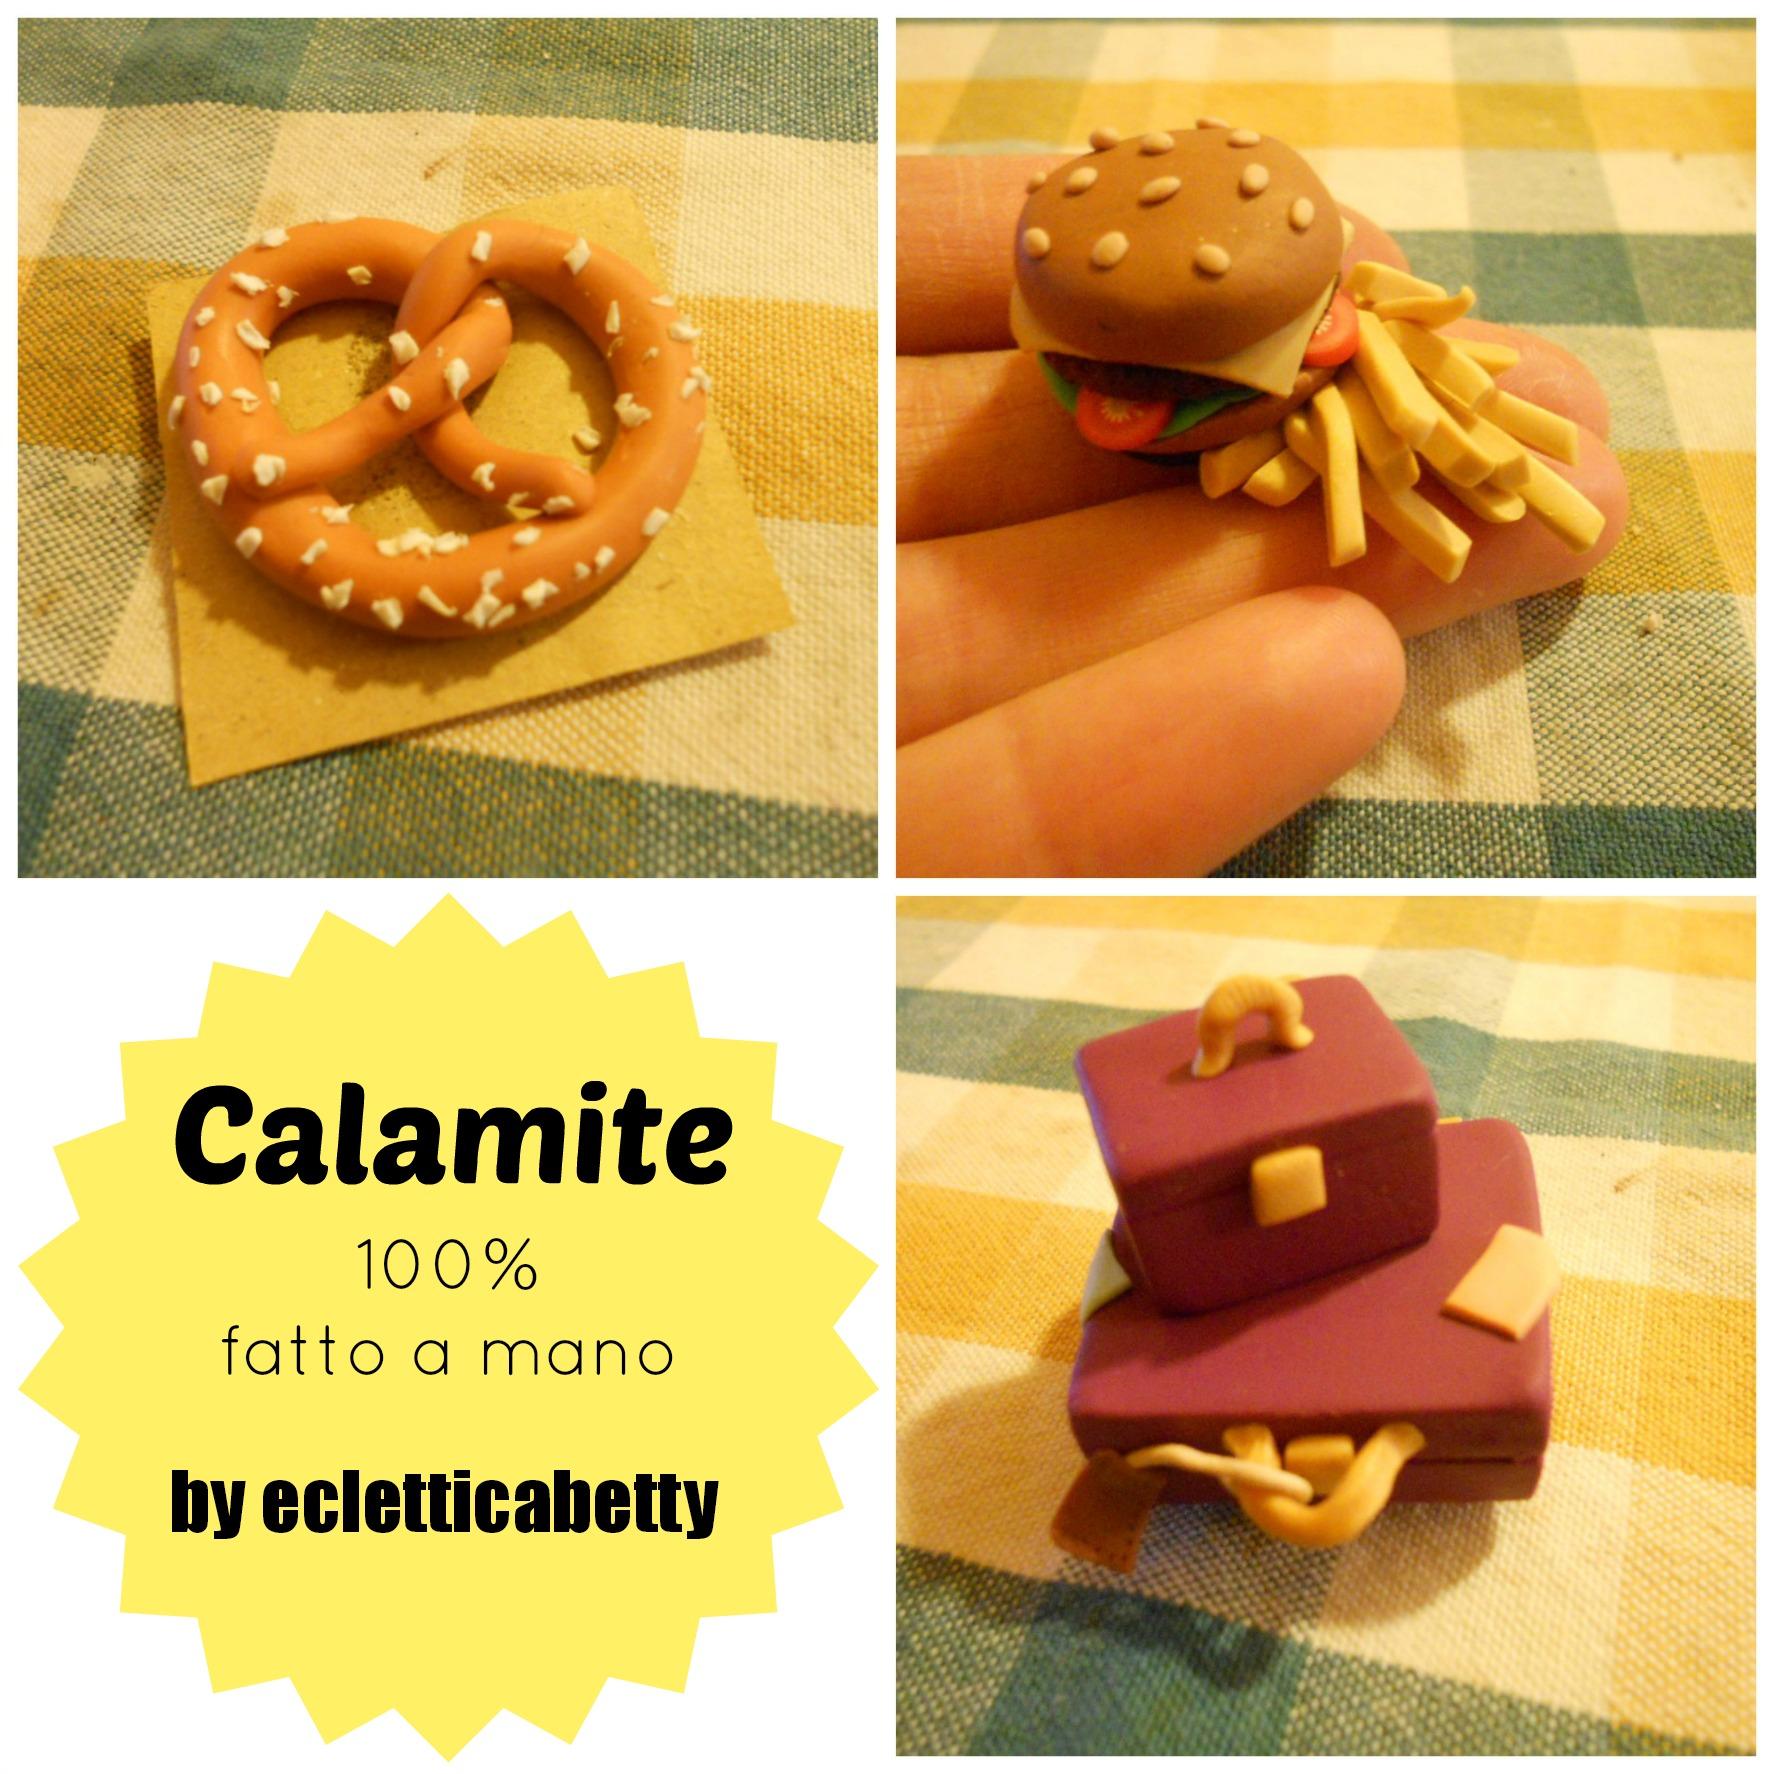 Calamite Medium